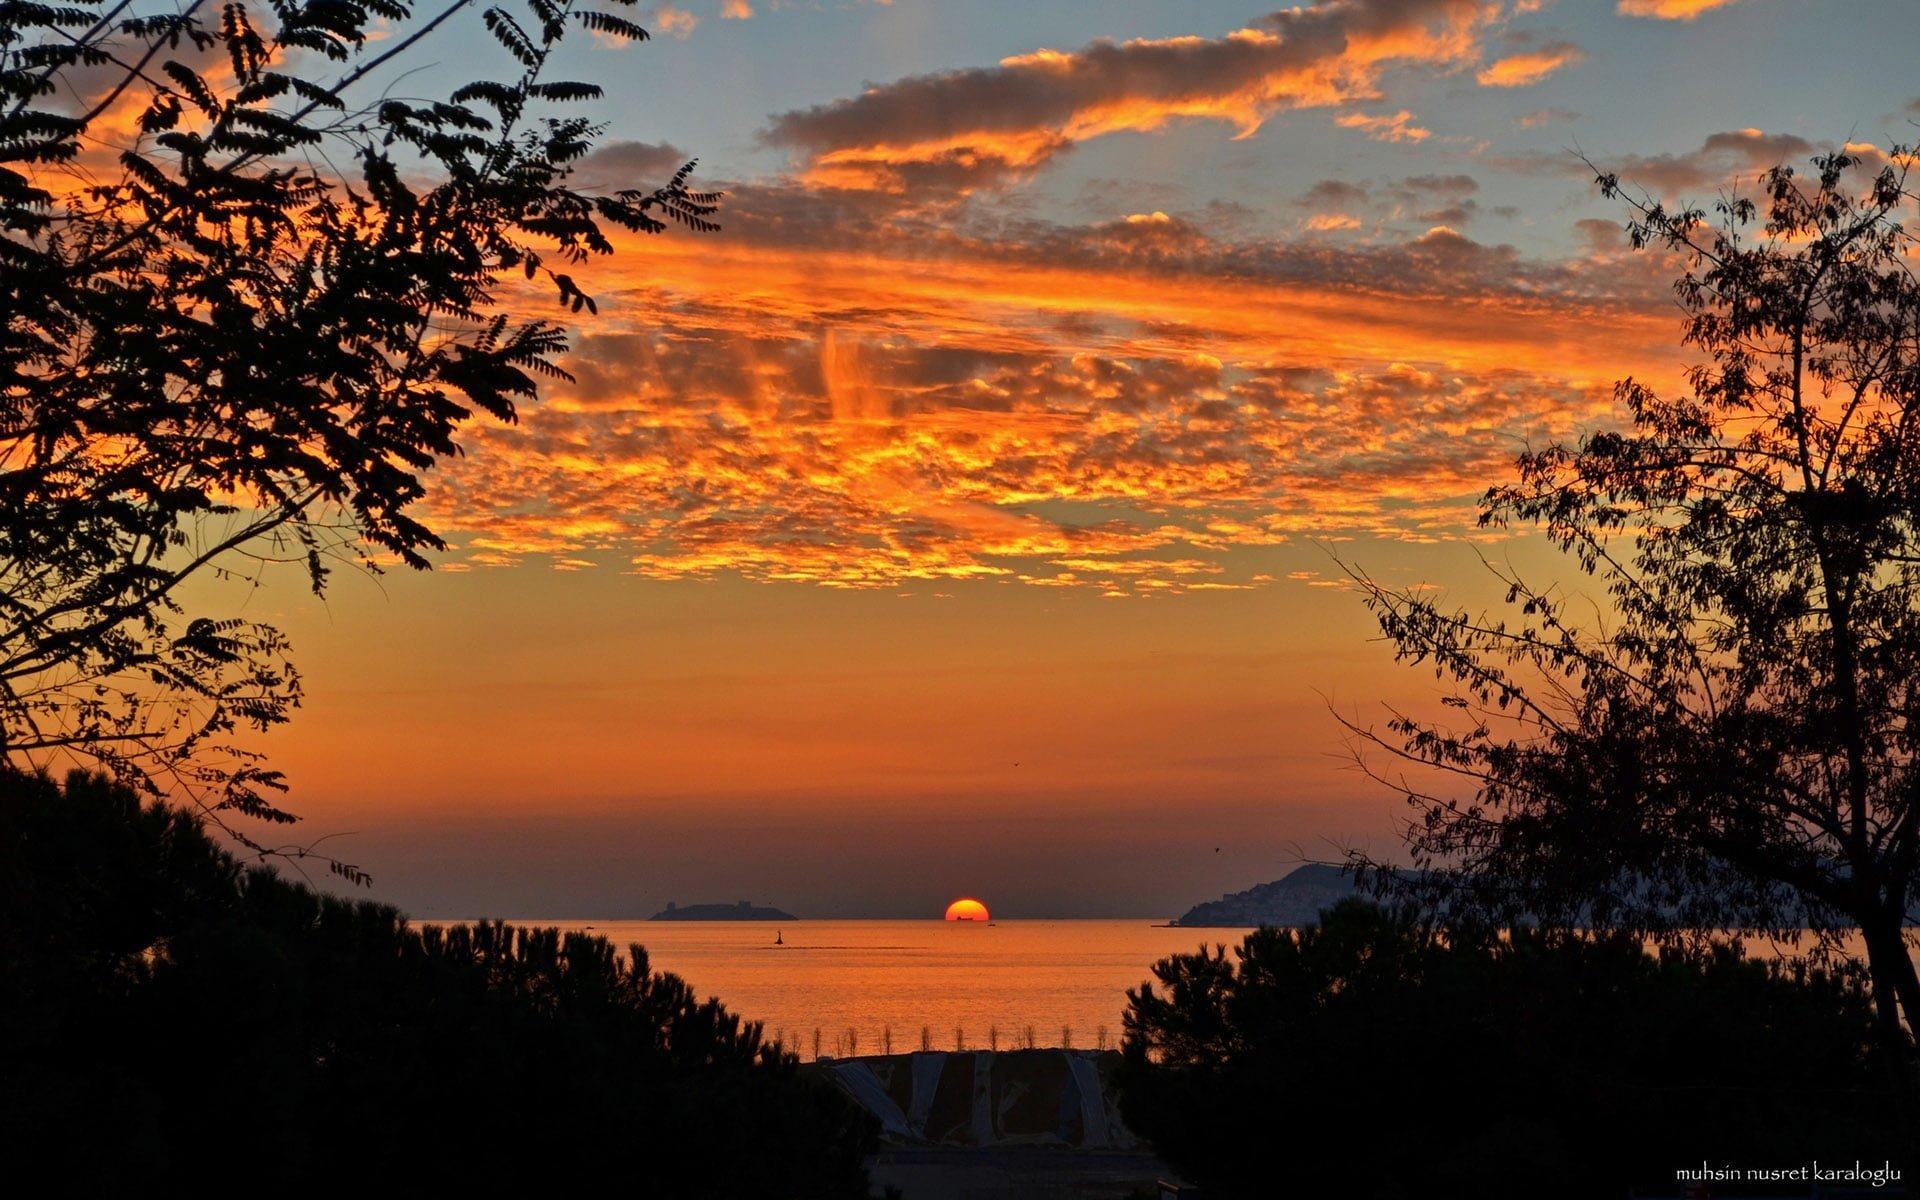 maltepe'den adalar ve gün batımı